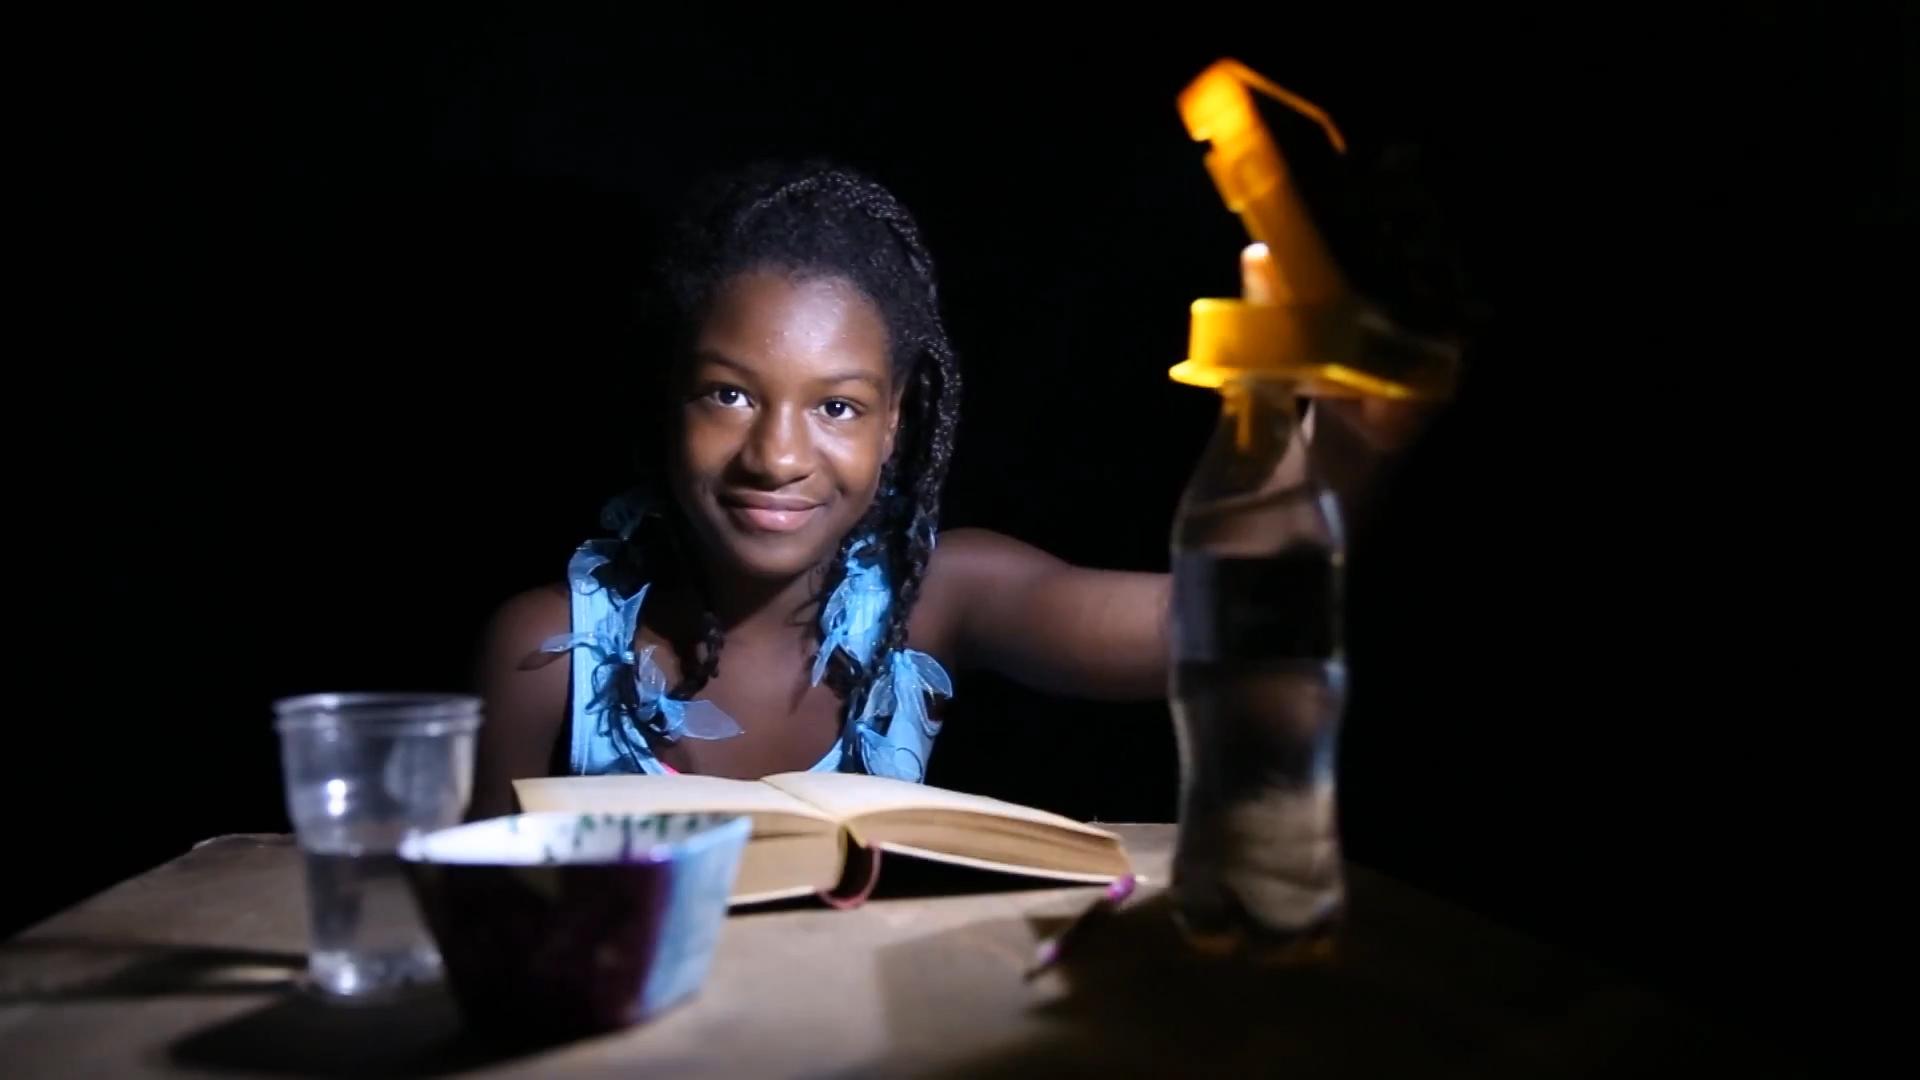 WakaWaka Light - girl, night reading, high res